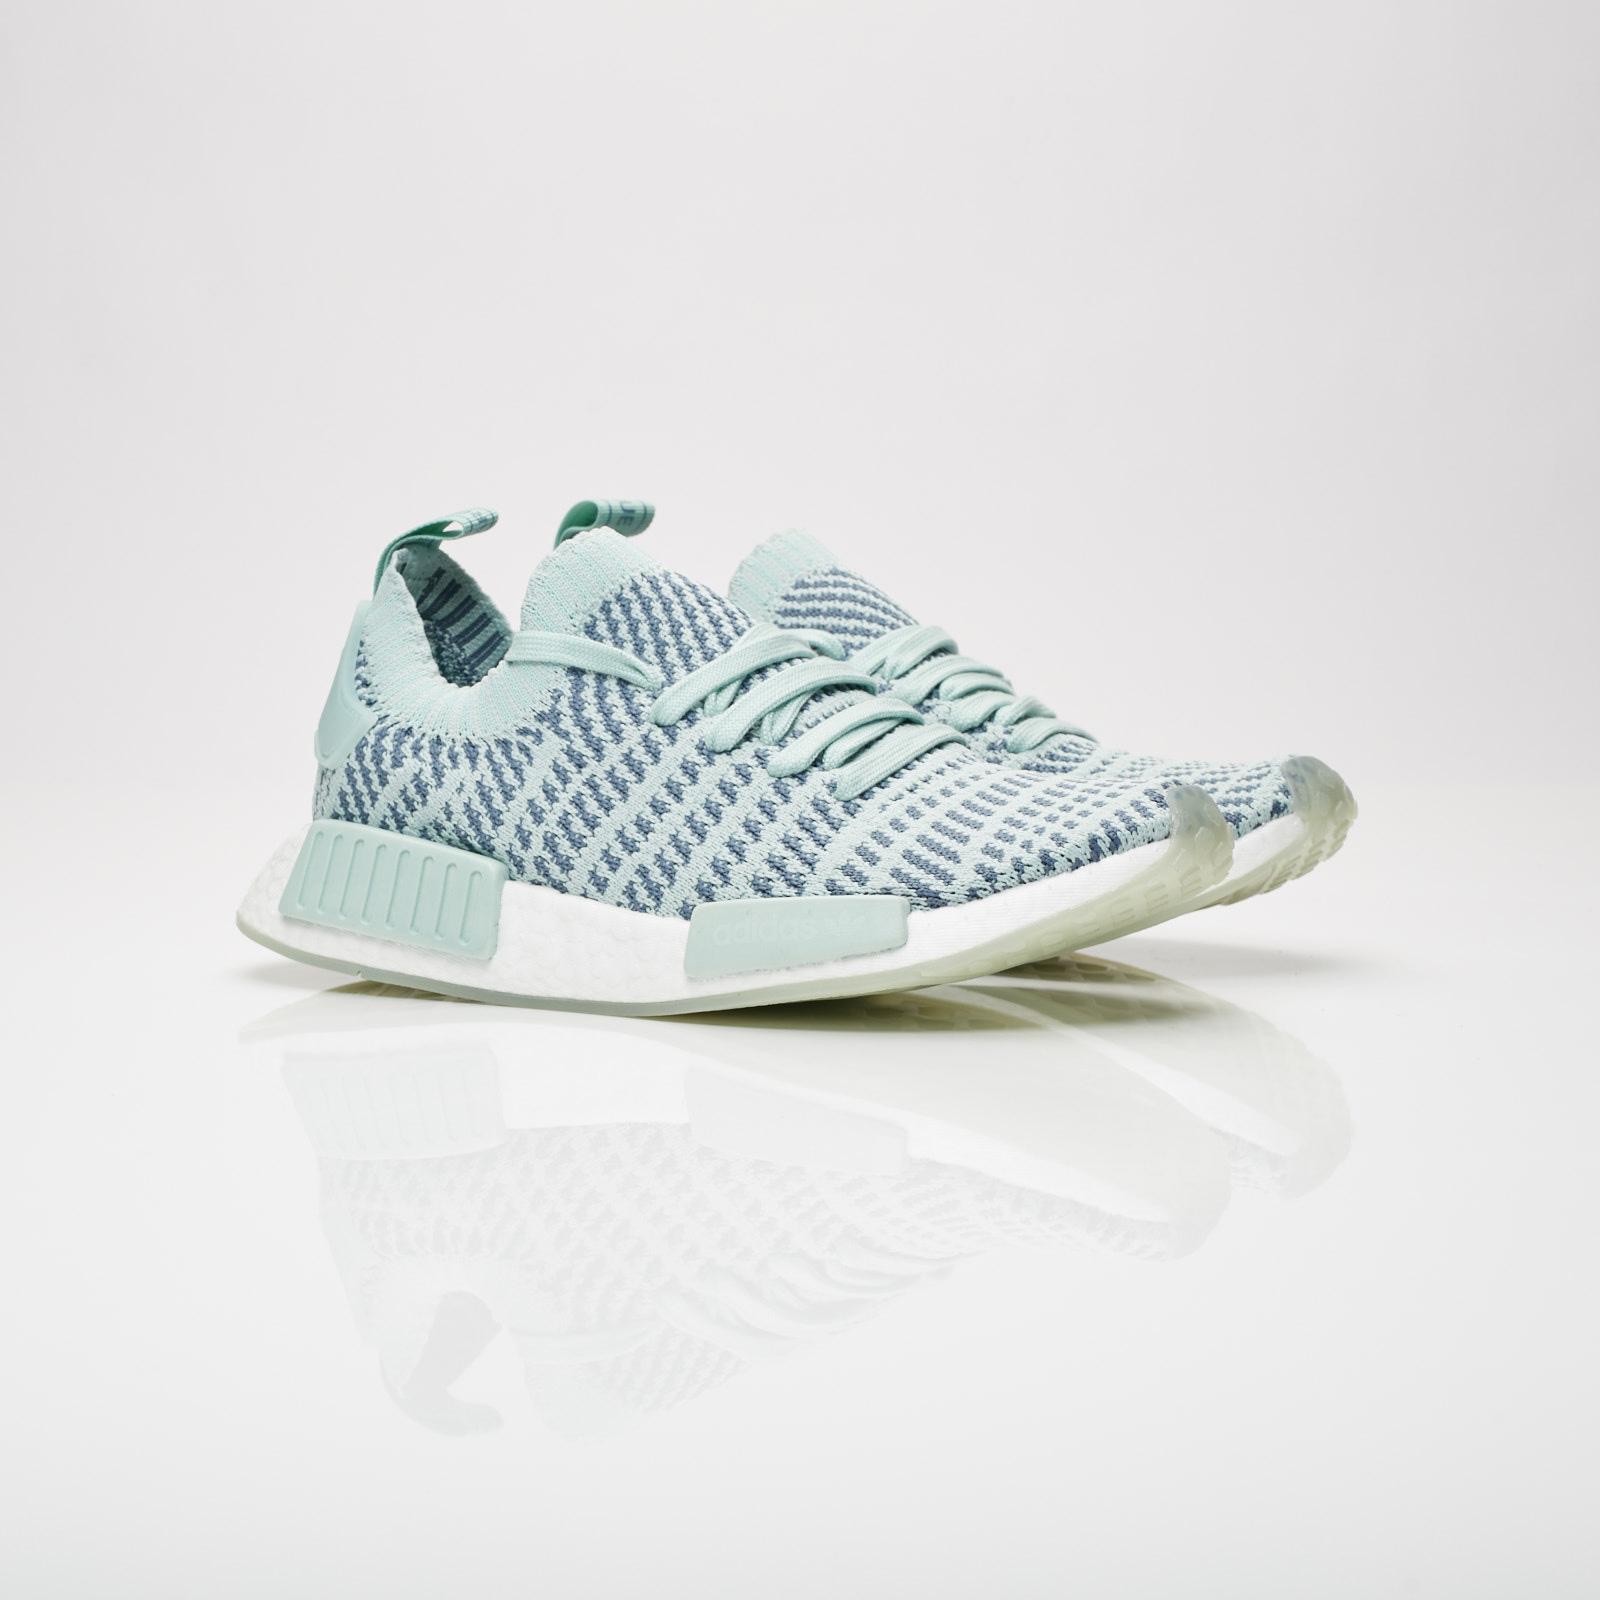 4af8768c5 adidas NMD R1 Stlt PK W - Cq2031 - Sneakersnstuff